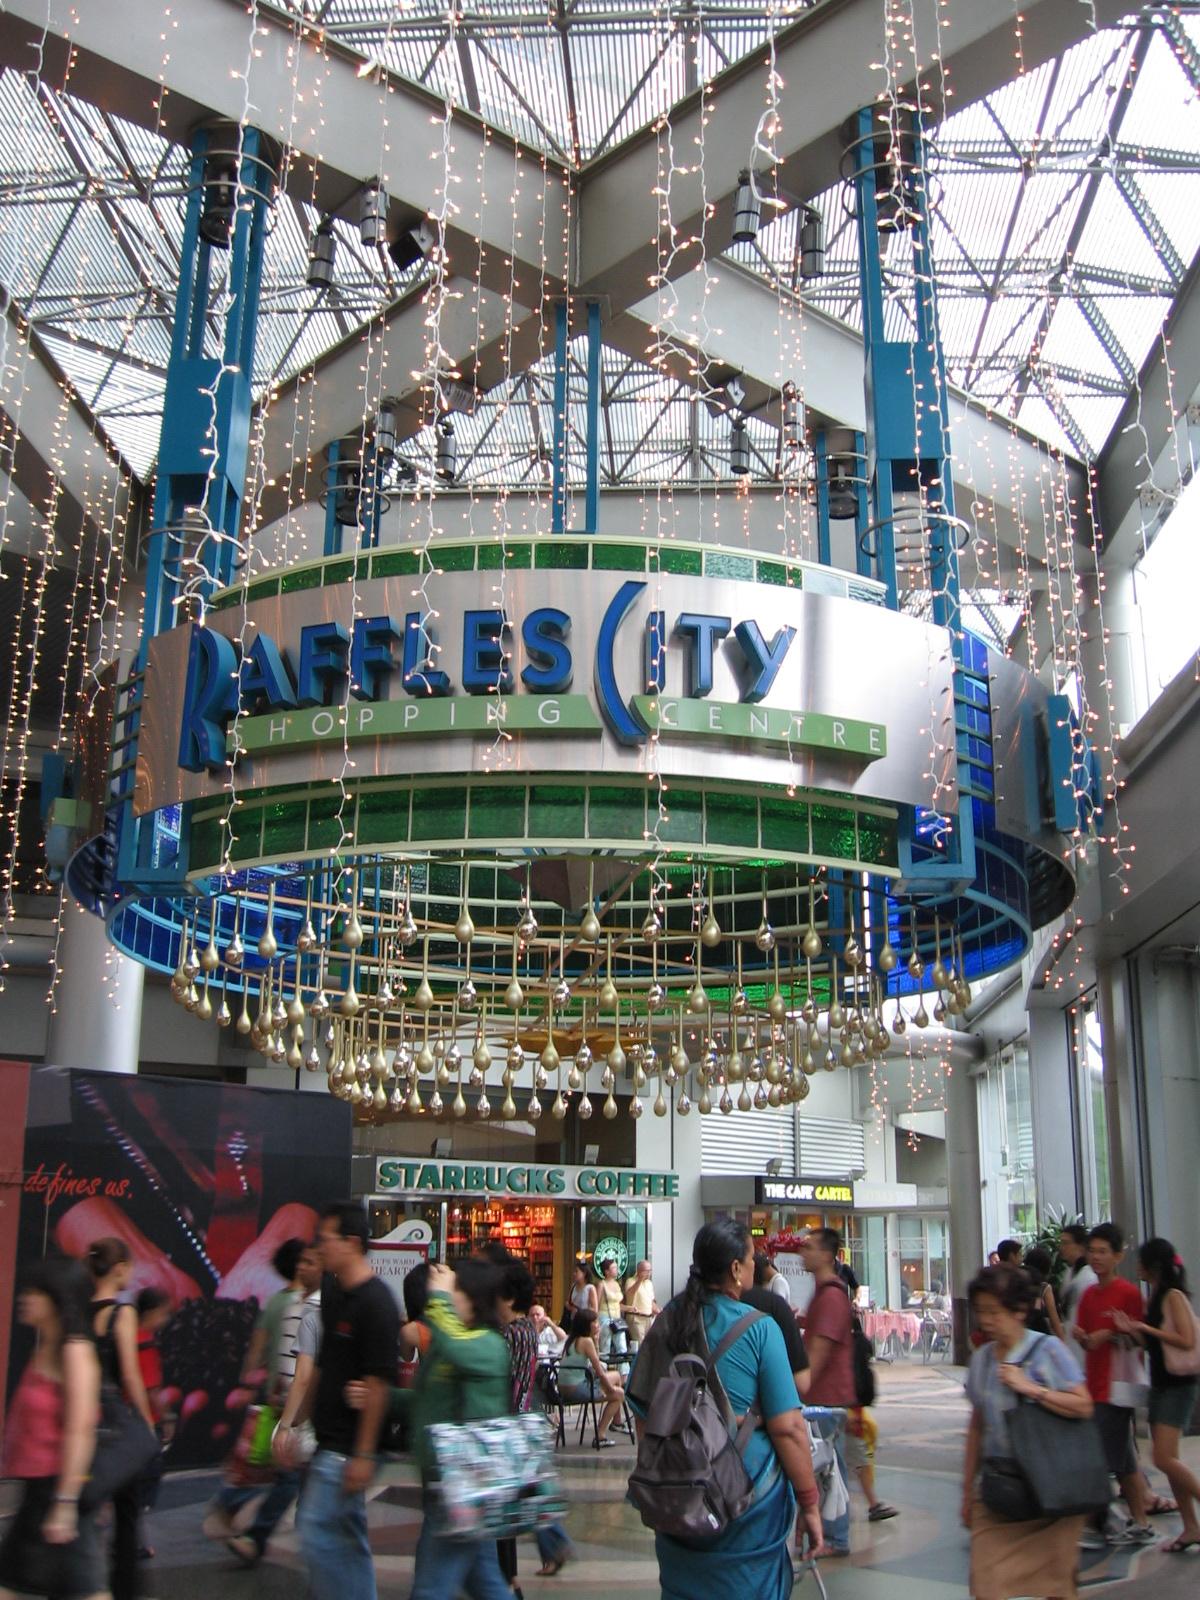 ラッフルズ・ホテル・シンガポール周辺ラッフルシティ